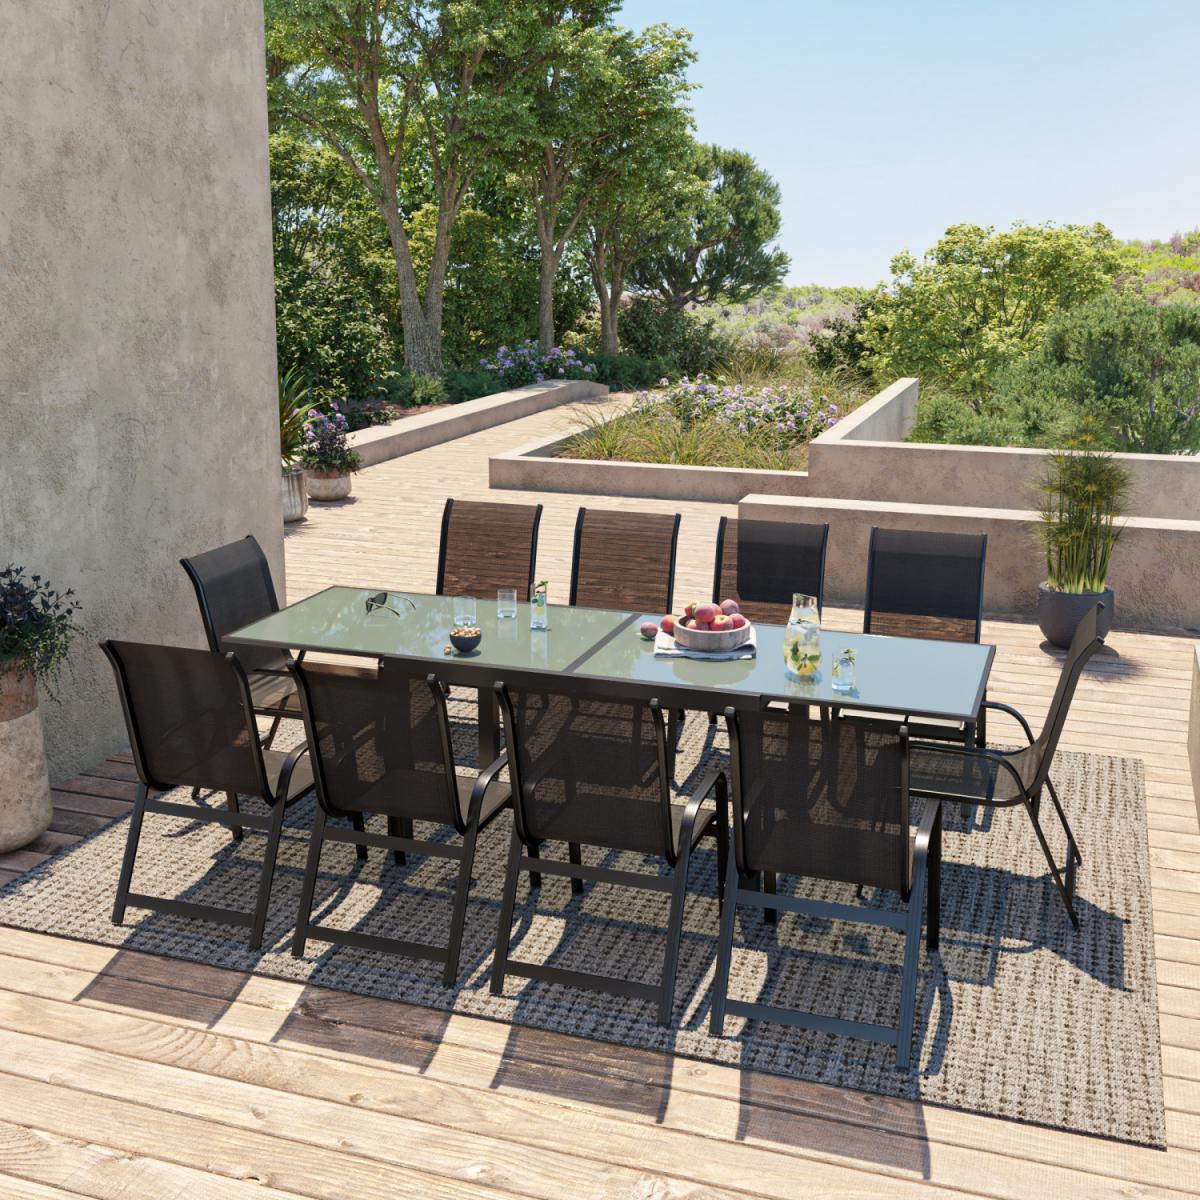 Avril Paris Table de jardin extensible aluminium 140/280cm + 10 fauteuils empilables textilène Noir - FARO